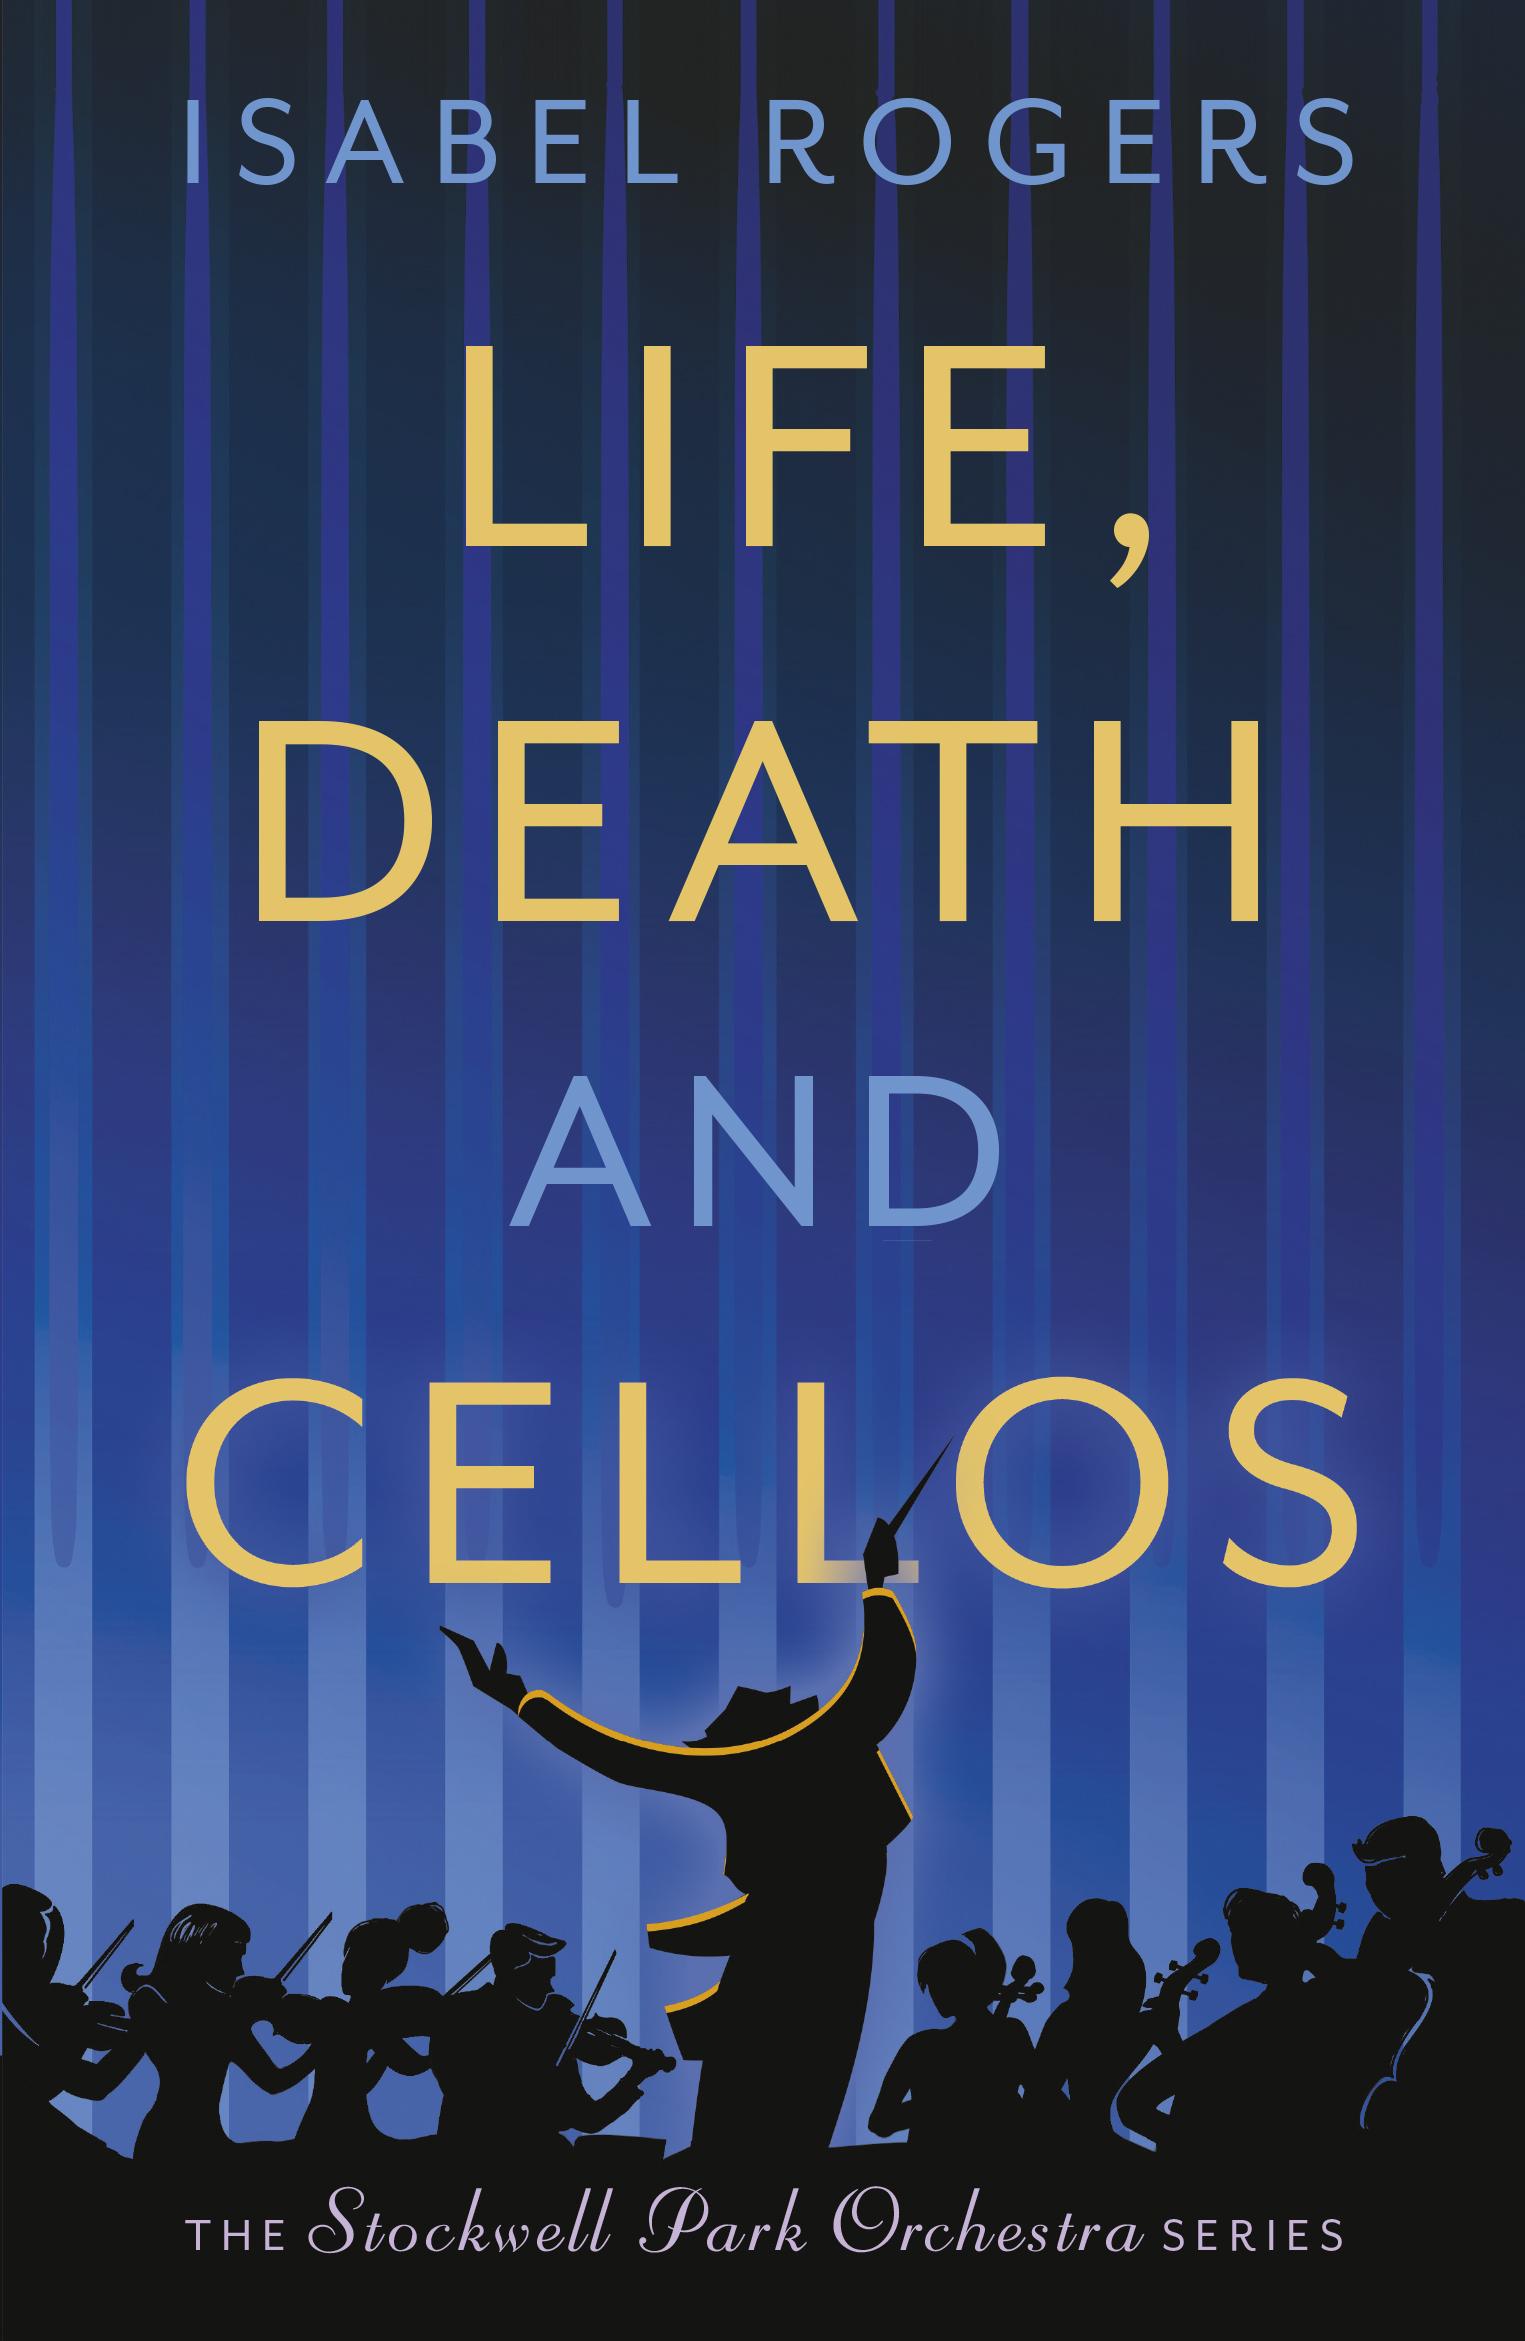 prelude books_cellos_5.indd